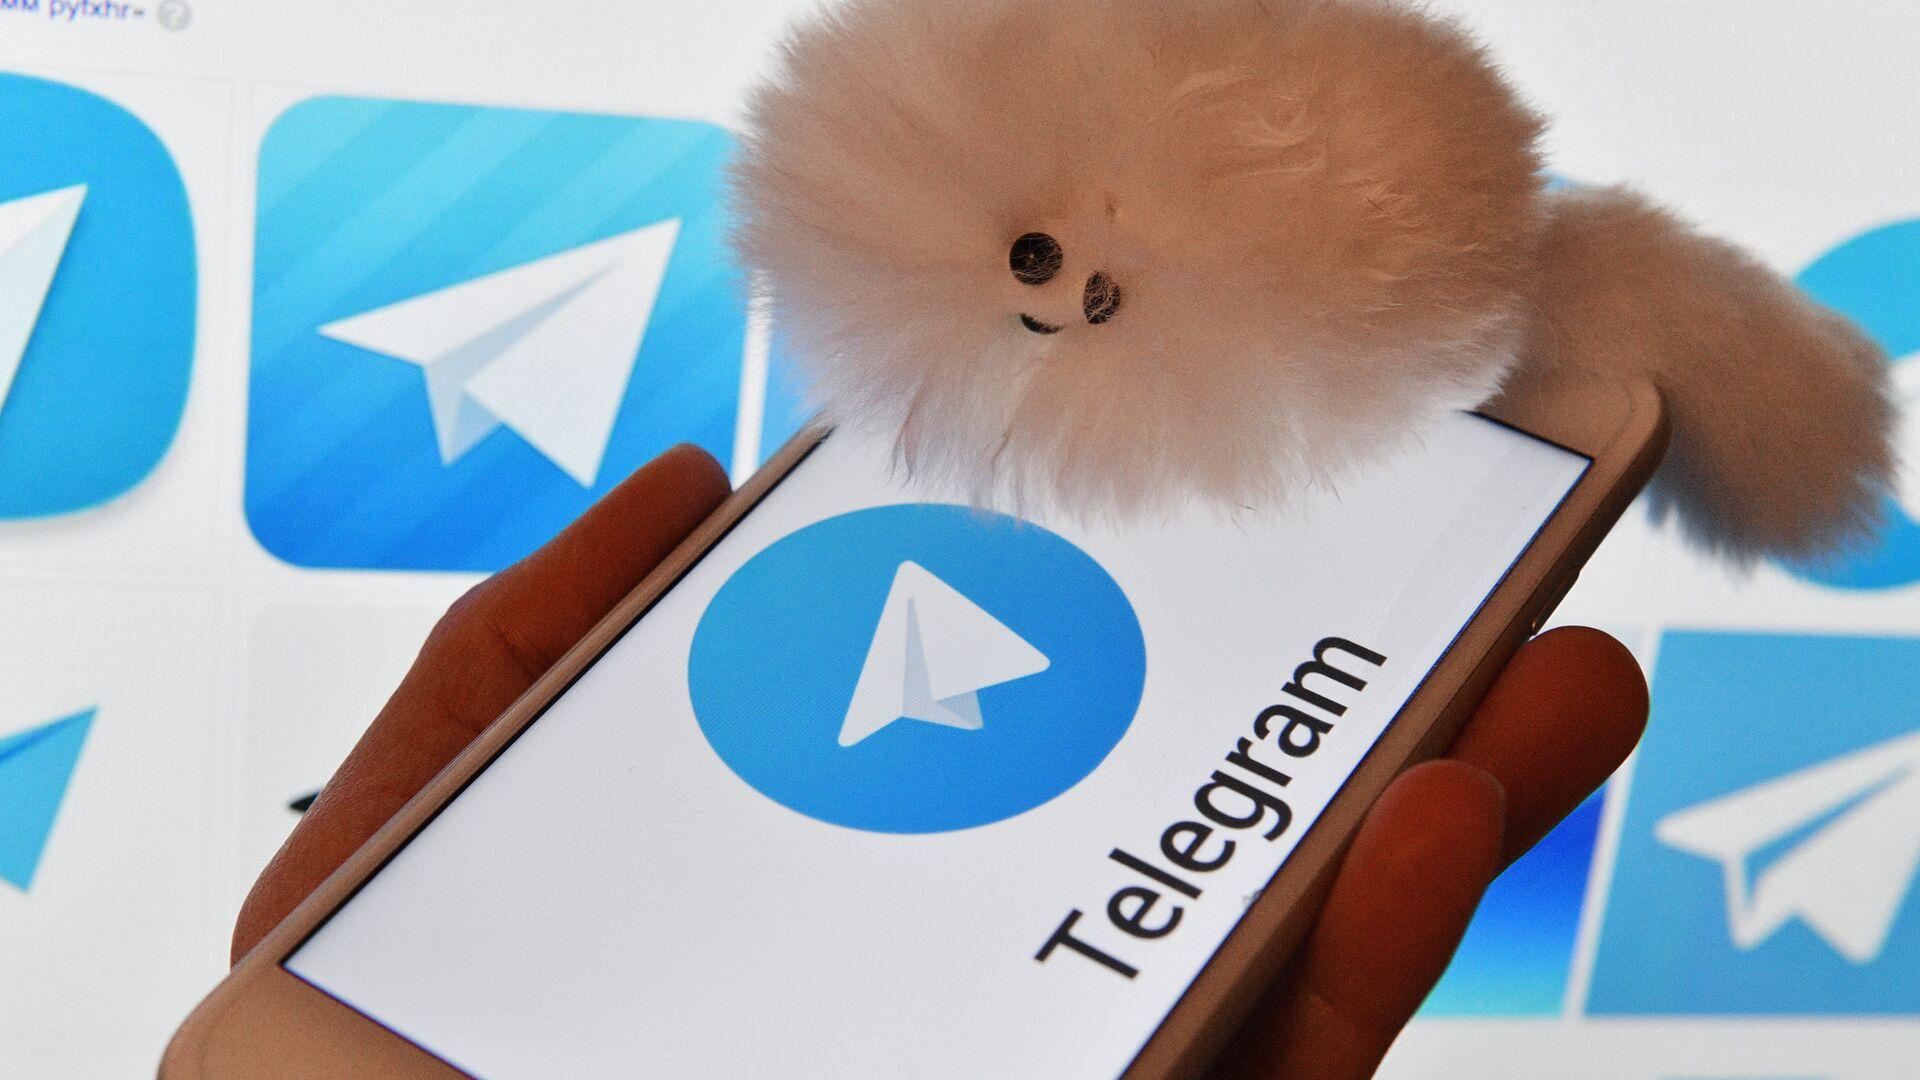 Логотип мессенджера Telegram на экранах смартфона и компьютера - РИА Новости, 1920, 25.06.2021